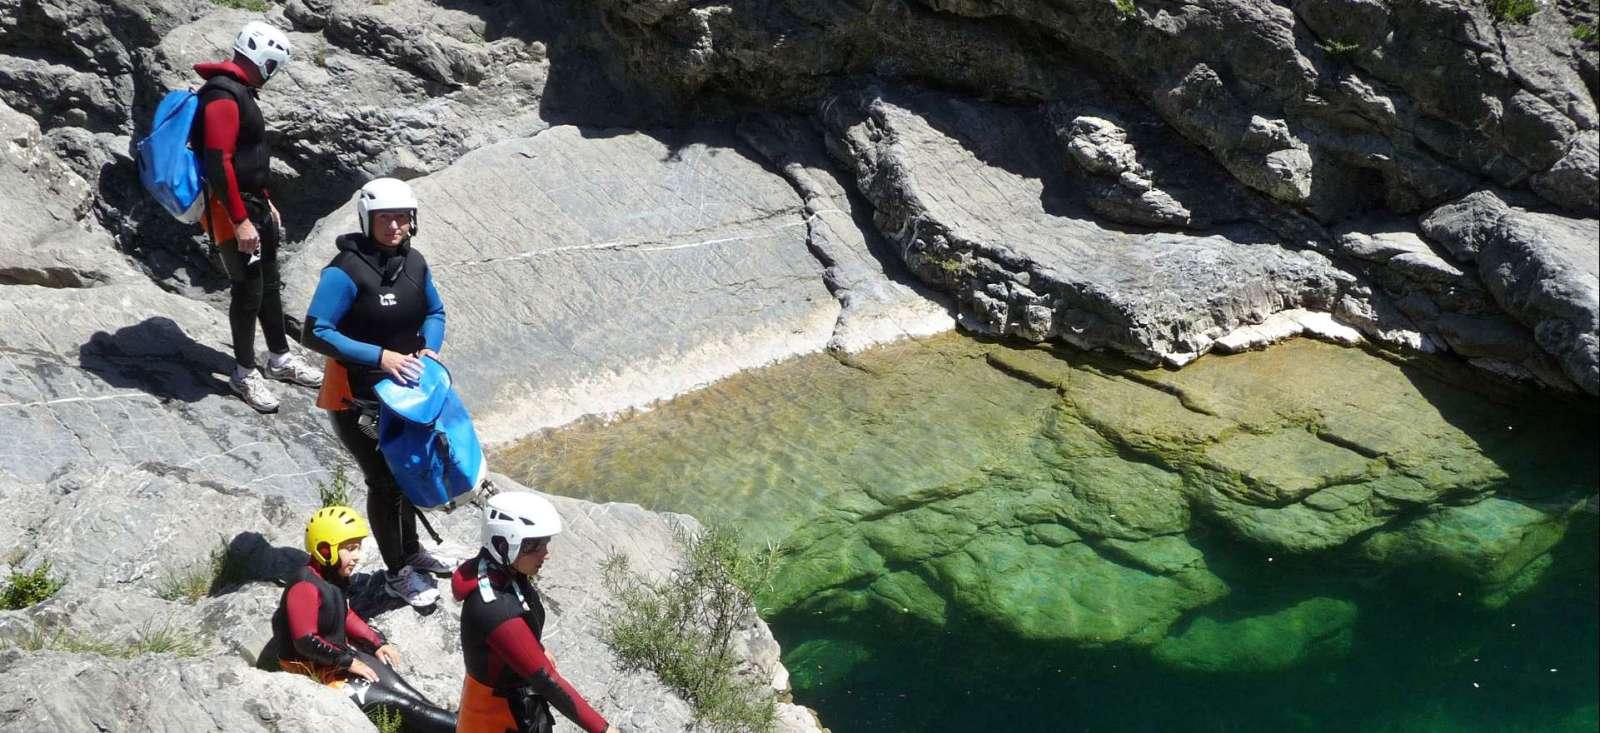 Voyage sur l'eau : France : Canyoning et Mont Perdu